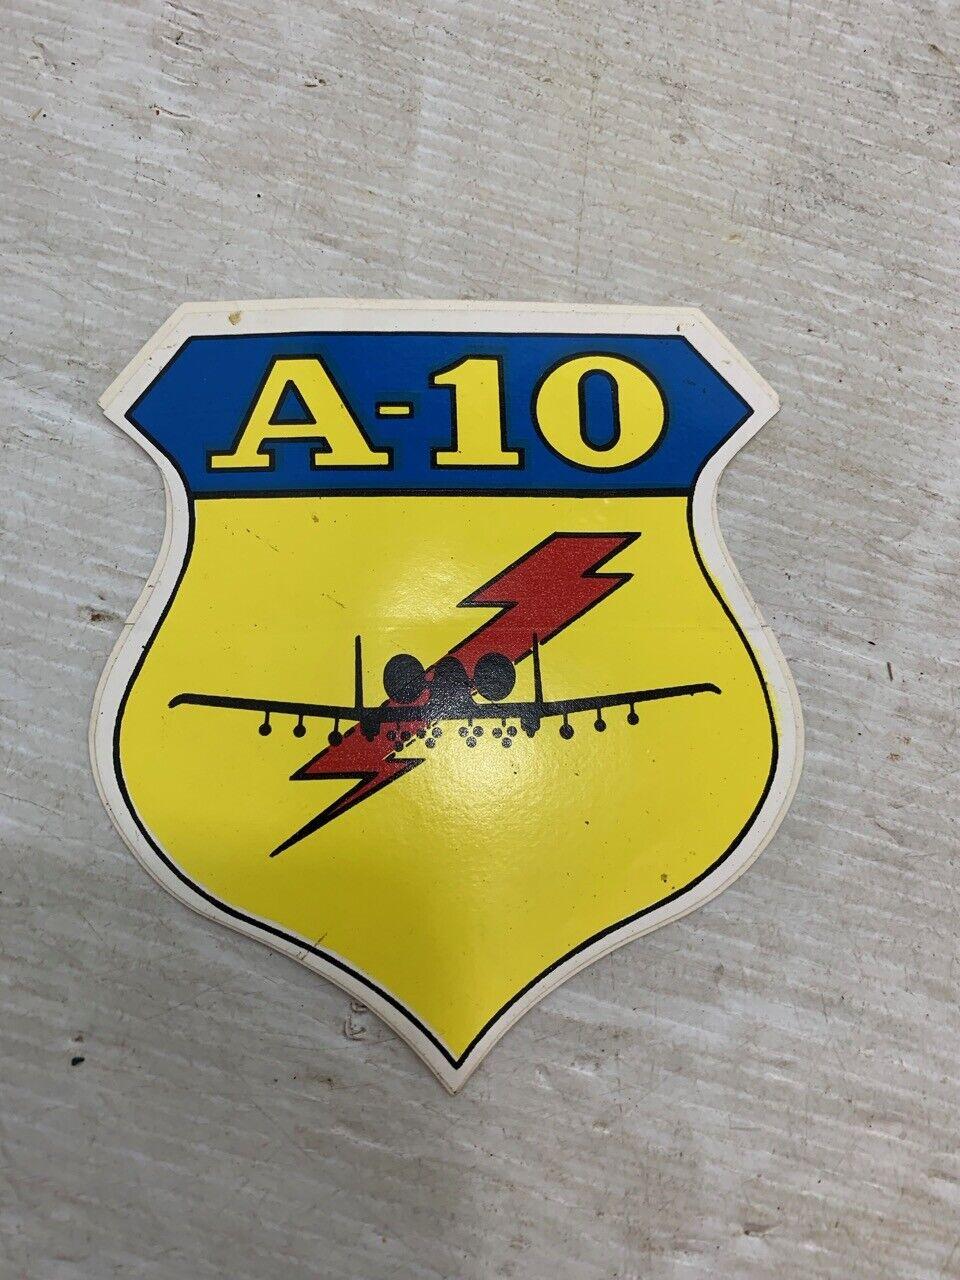 4 x A 10 Thunderbolt Jet Plane Vinyl Decal Sticker Laptop Truck Window Tablet